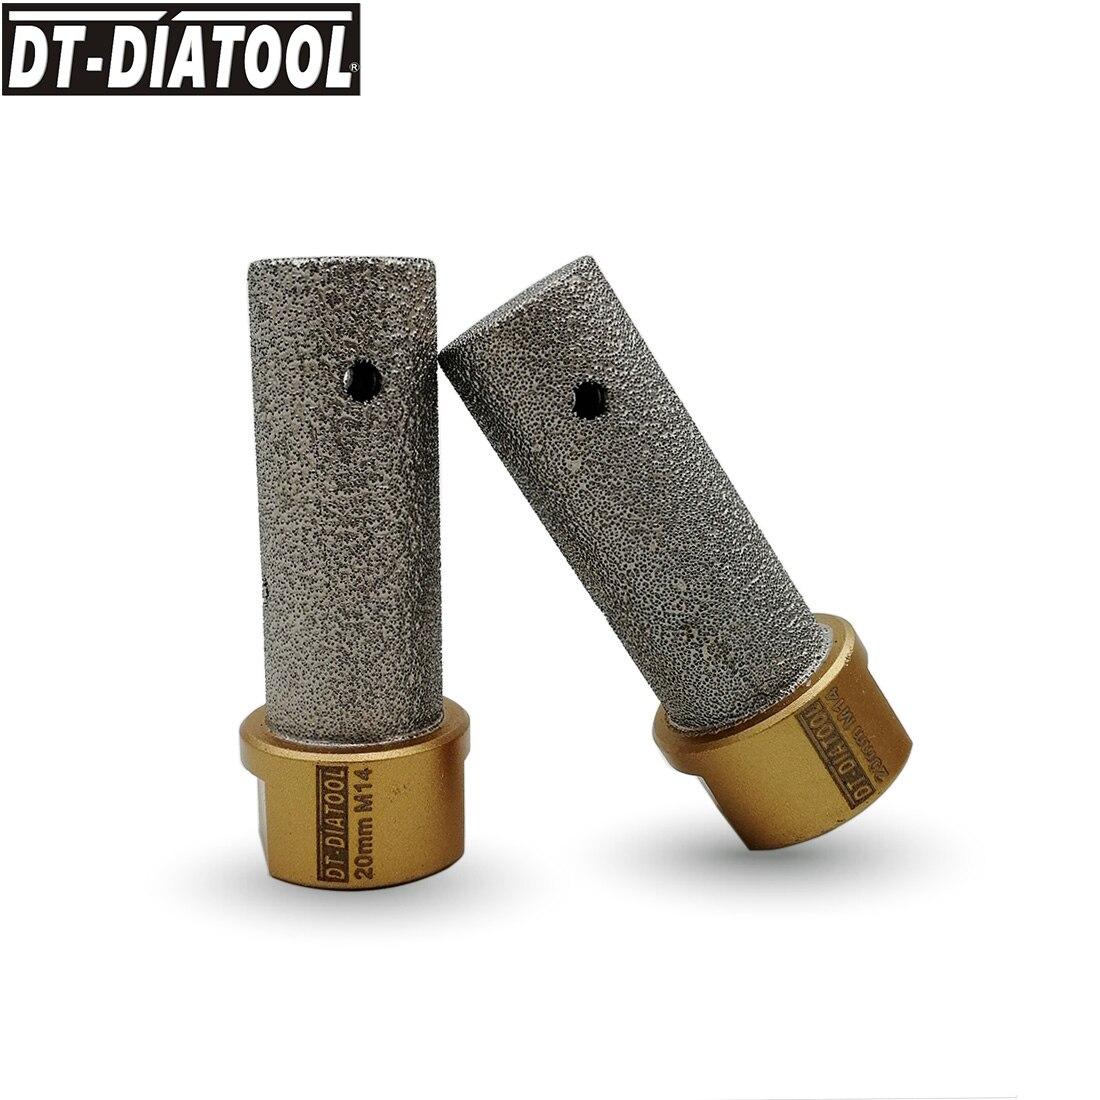 C25 5D WC SP SD14 mm 15mm 16mm 17mm 18mm 19mm 20mm Indexable Insert Drills Bits